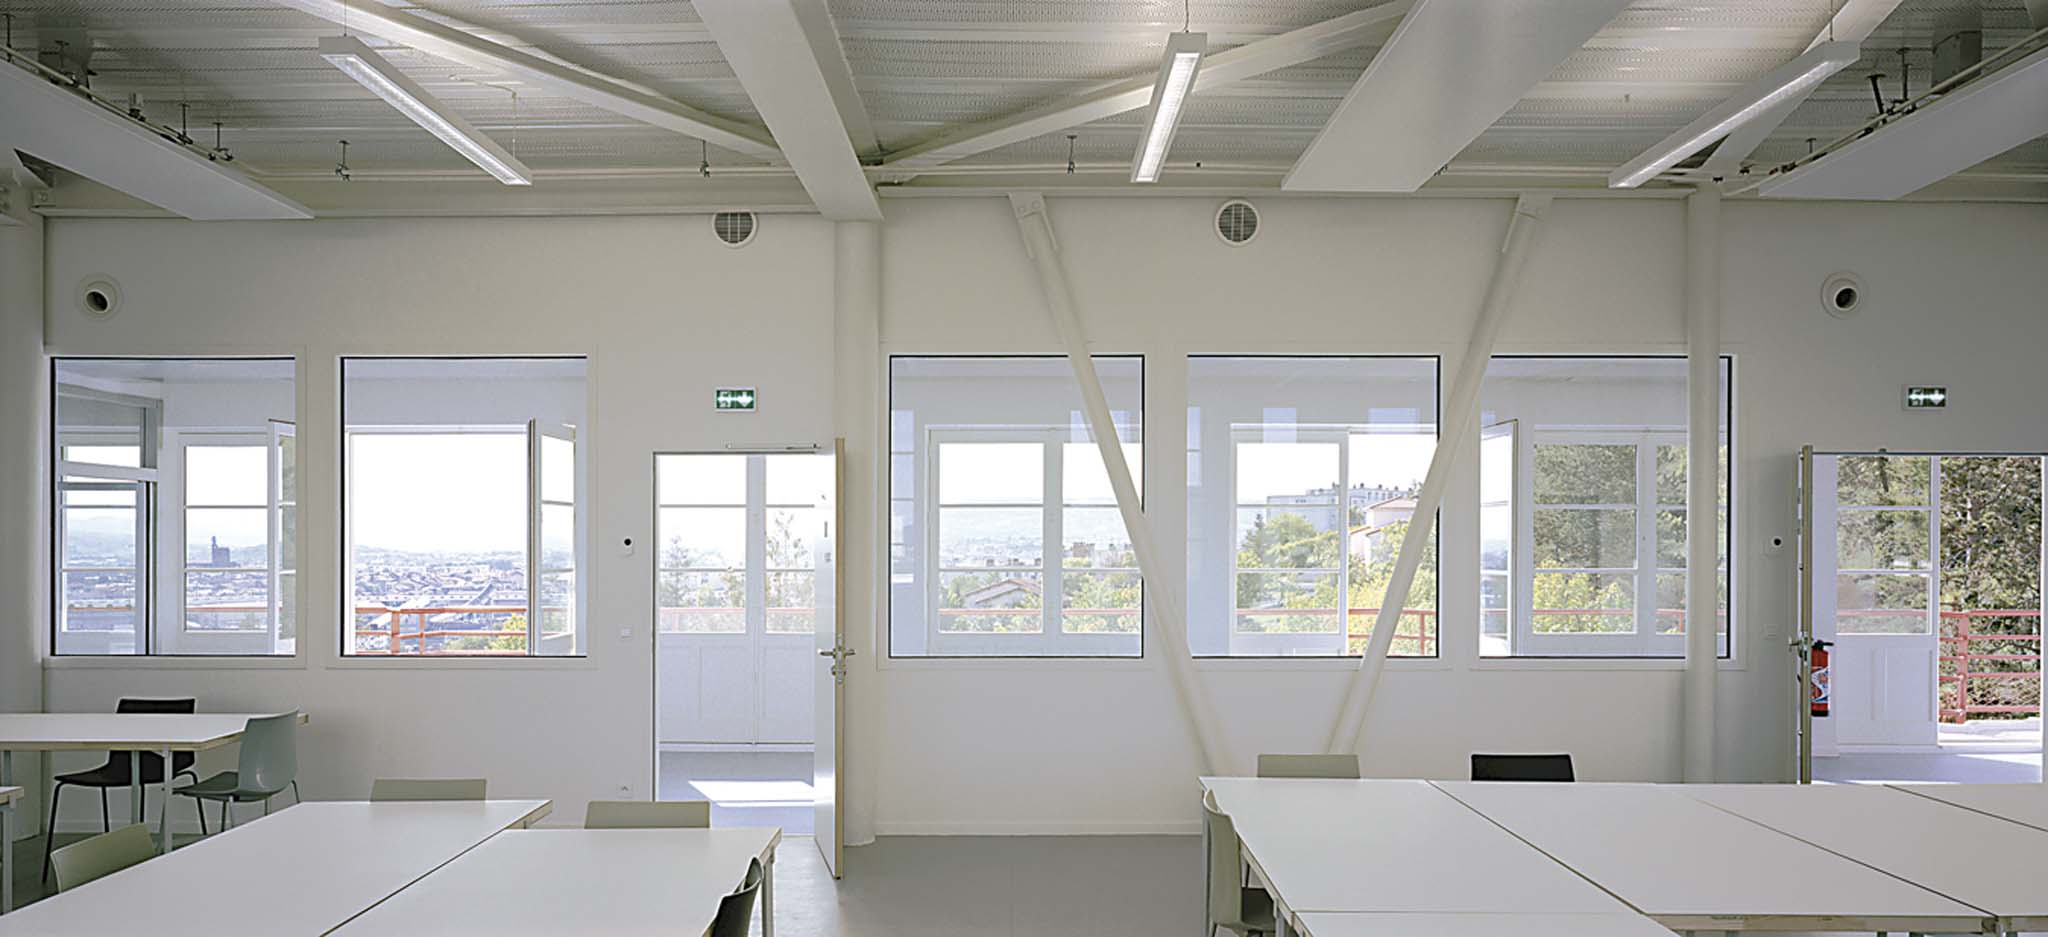 École D Architecture Clermont École d'architecture de clermont-ferrand dans l'ancien